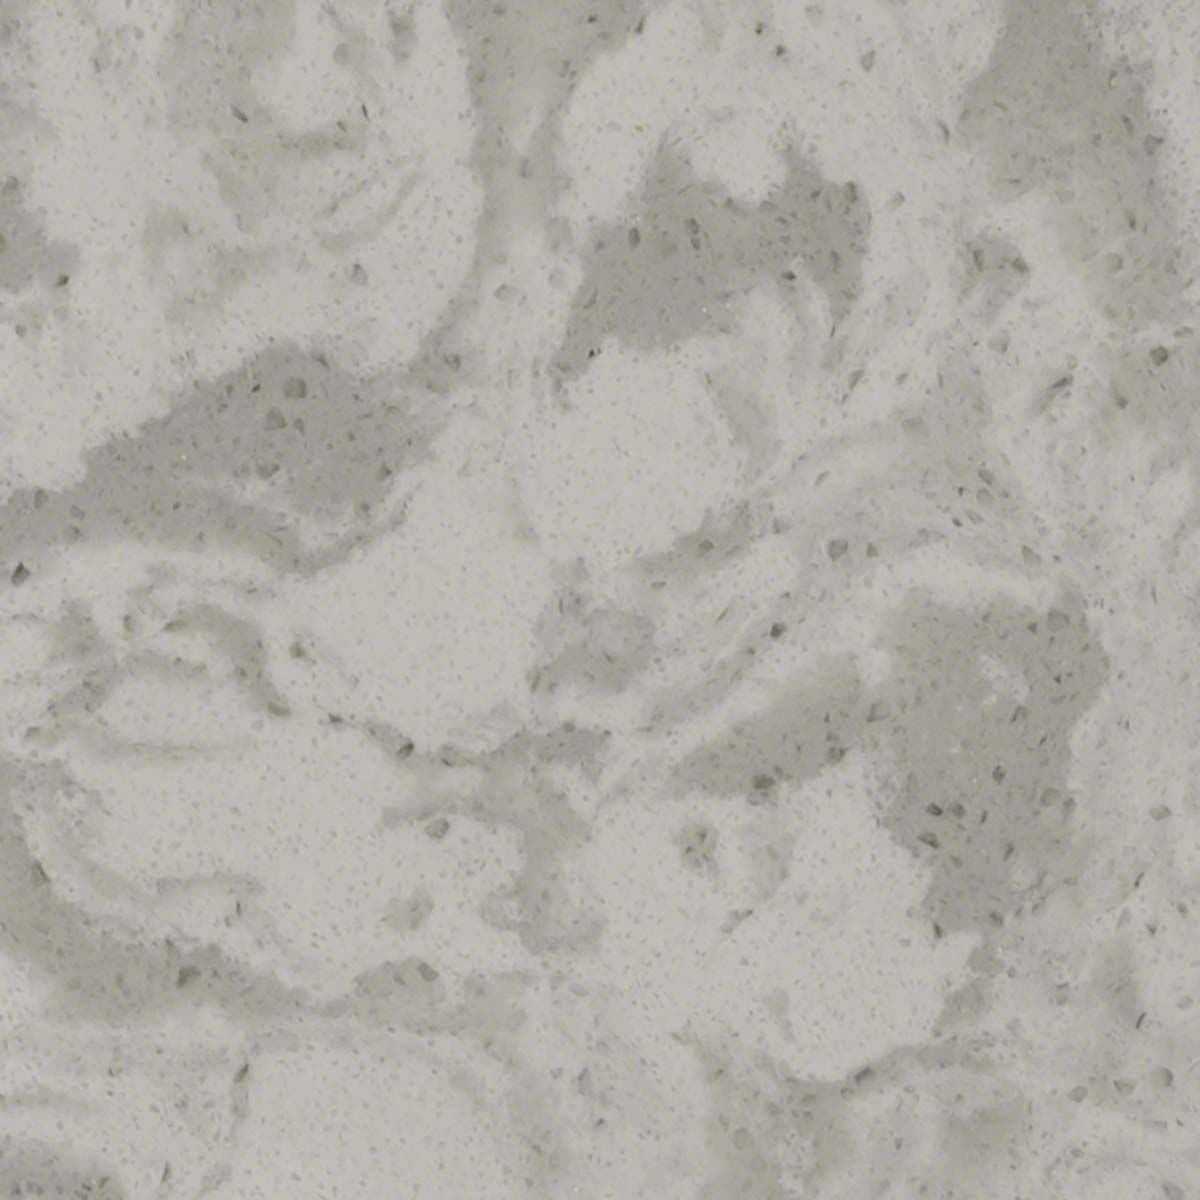 fcad3dea0fee45ebbc2ff01f49a869e3 - How To Get A Stain Out Of White Quartz